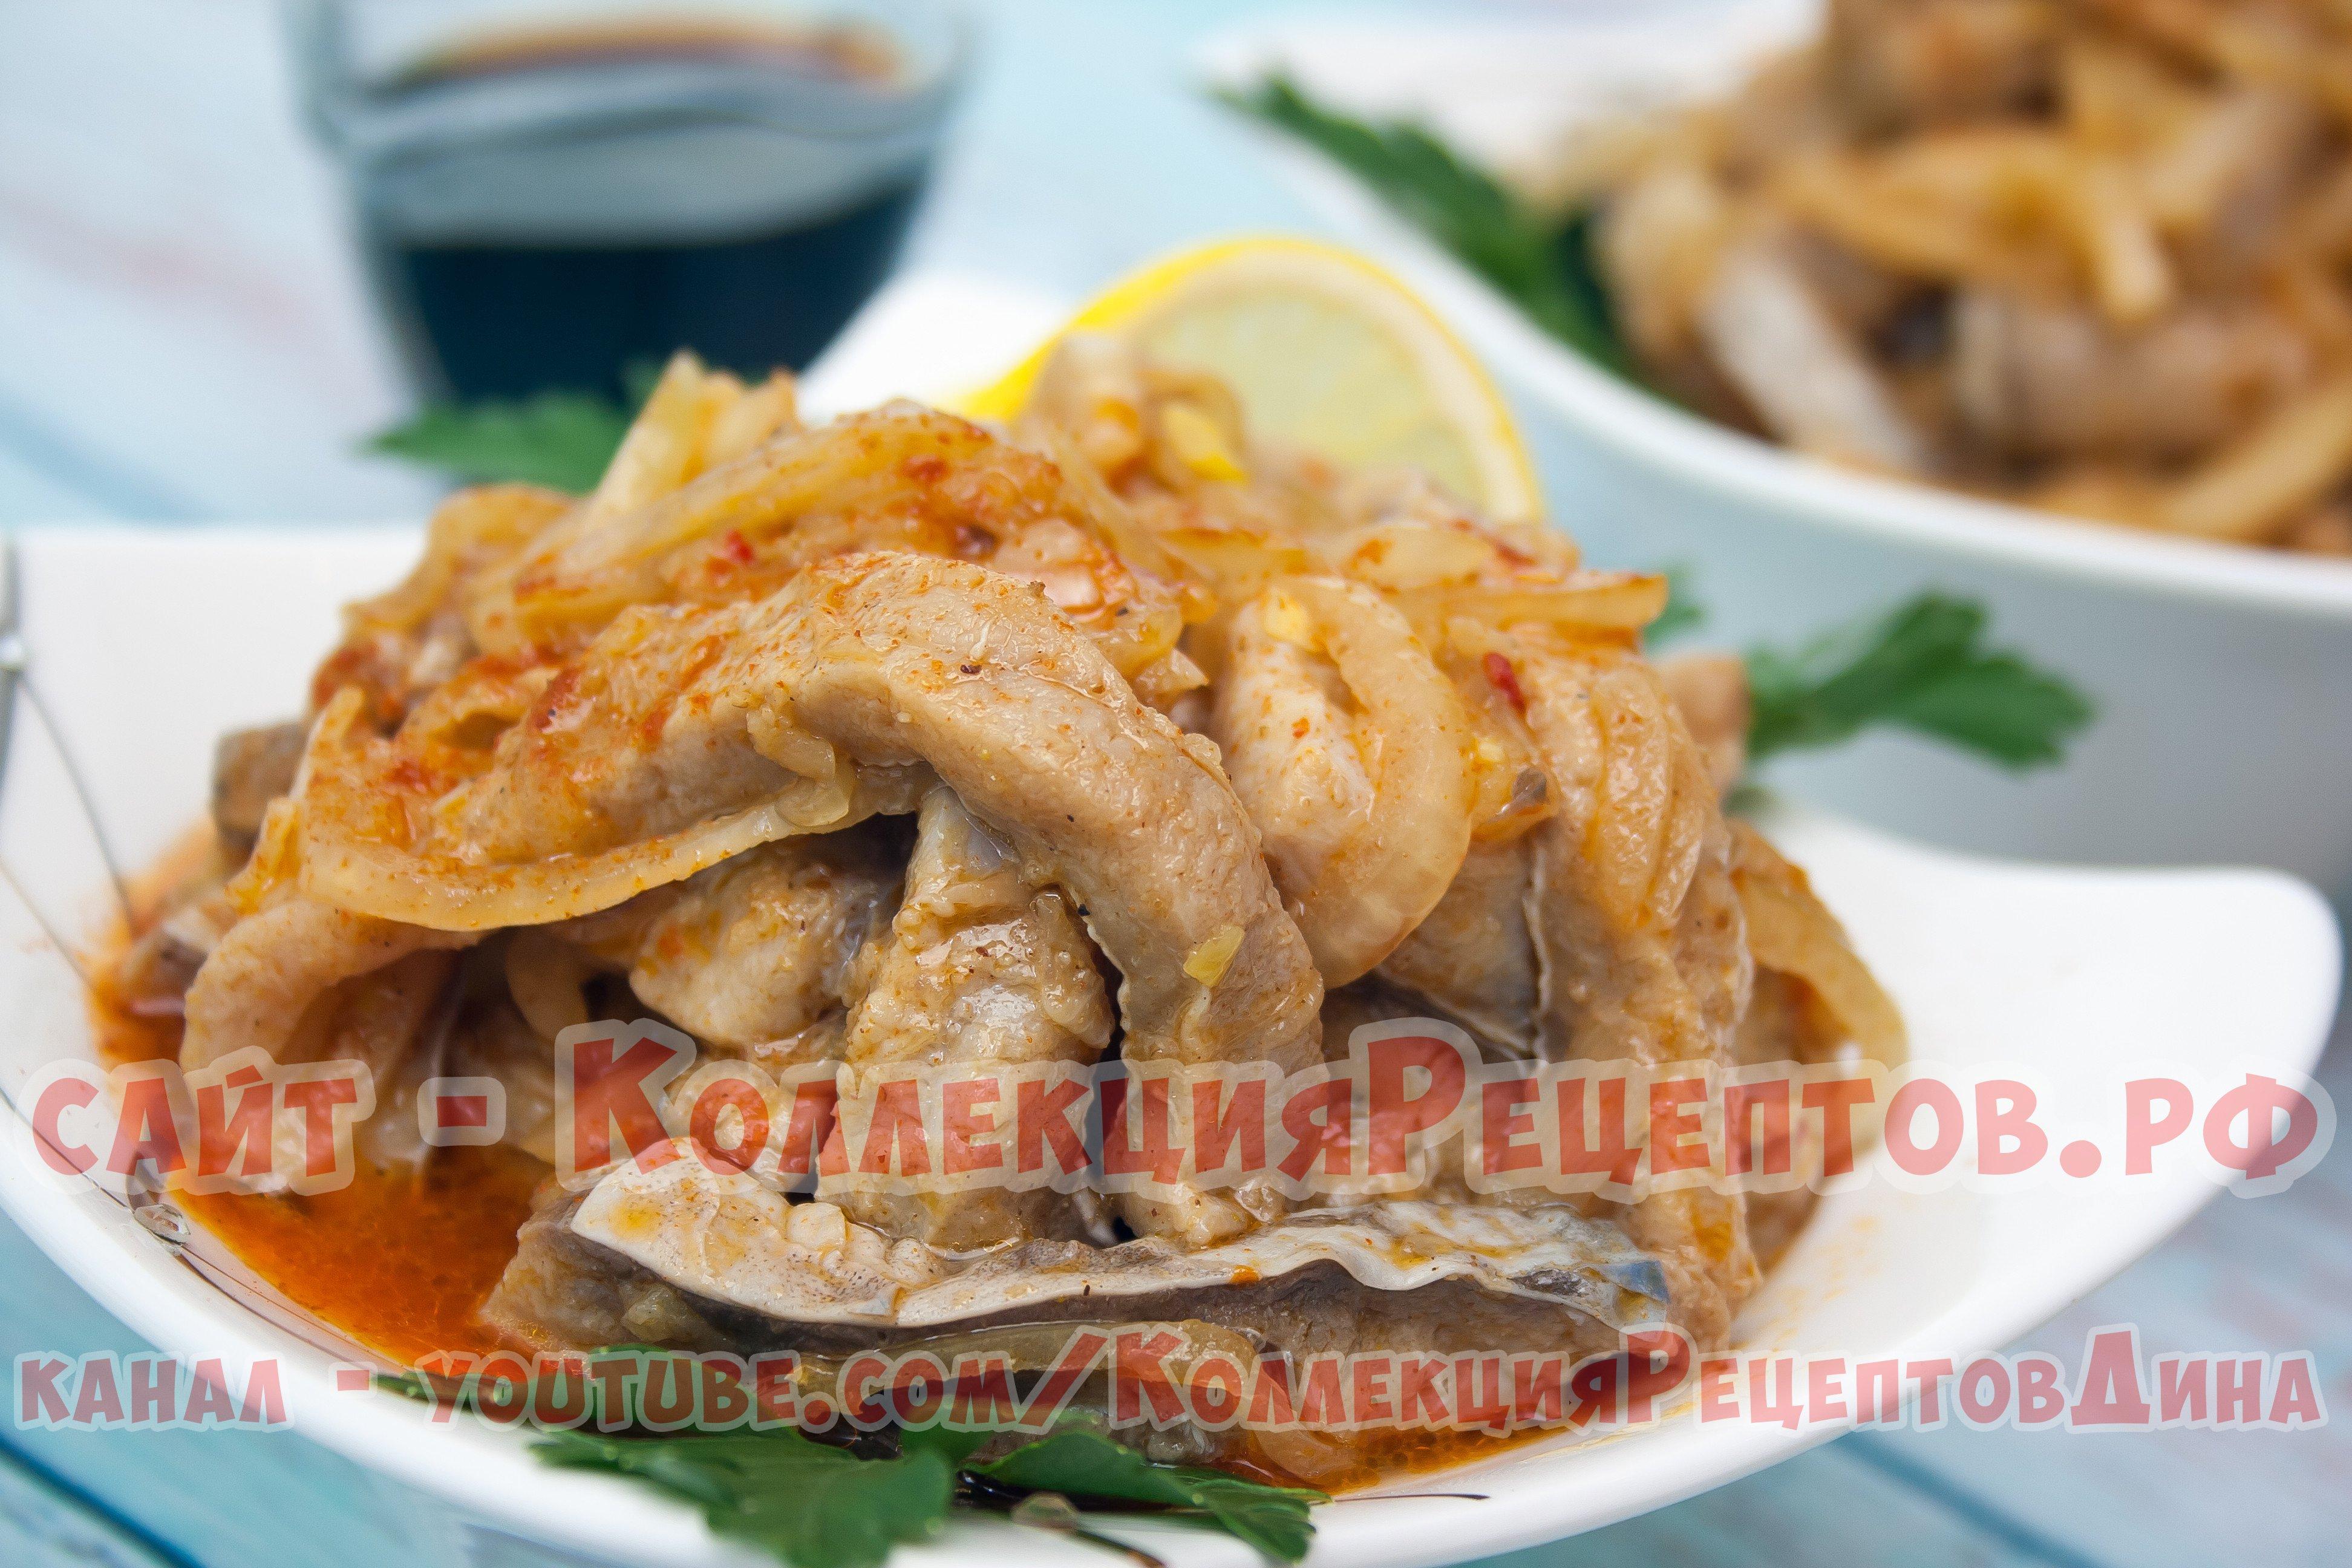 Как в домашних условиях приготовить рыбу хе по-корейски